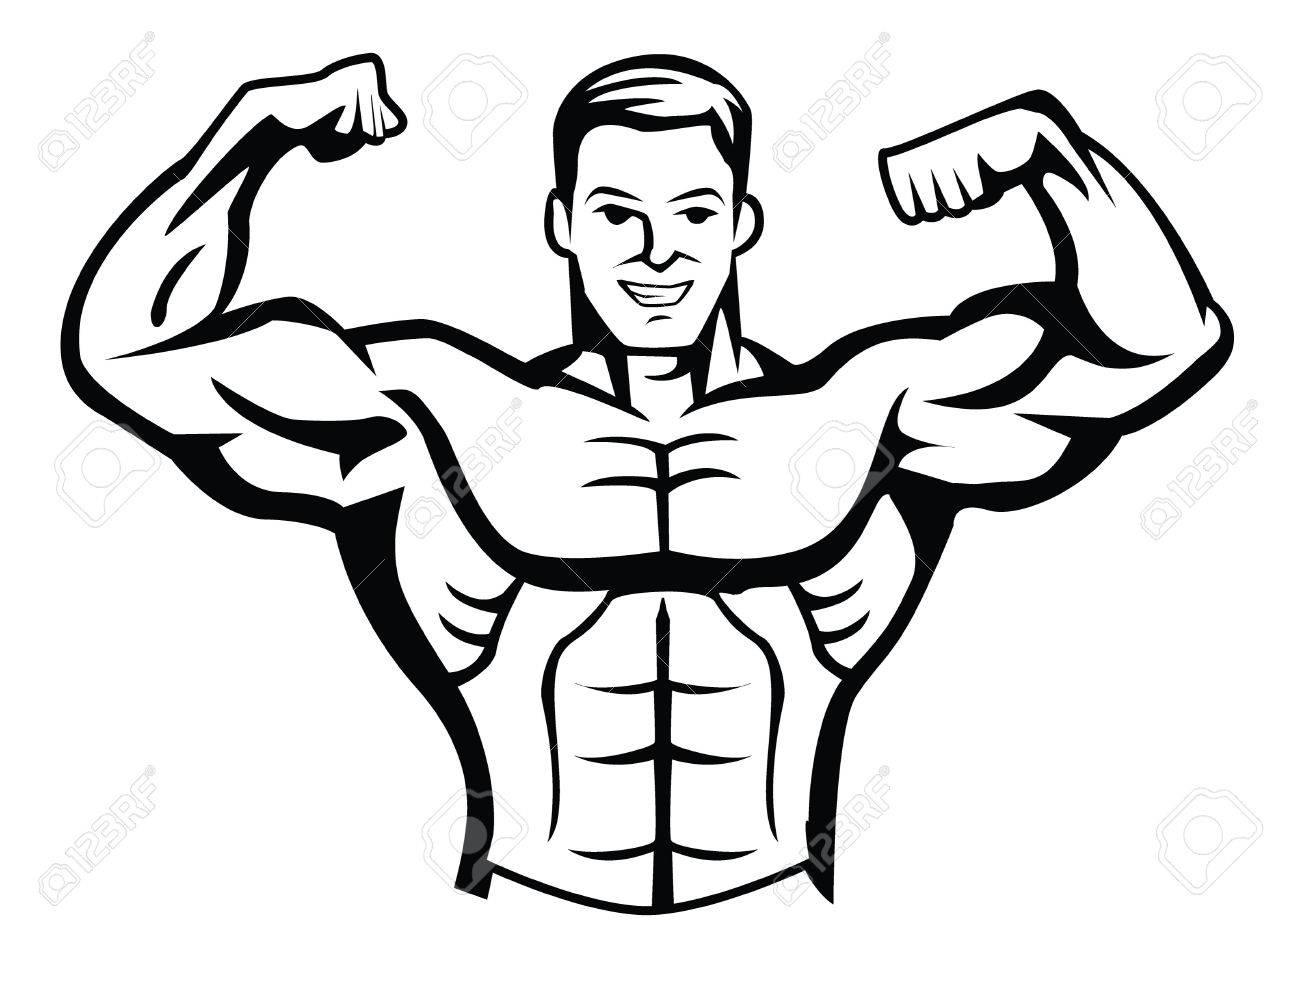 body builder - 23982056